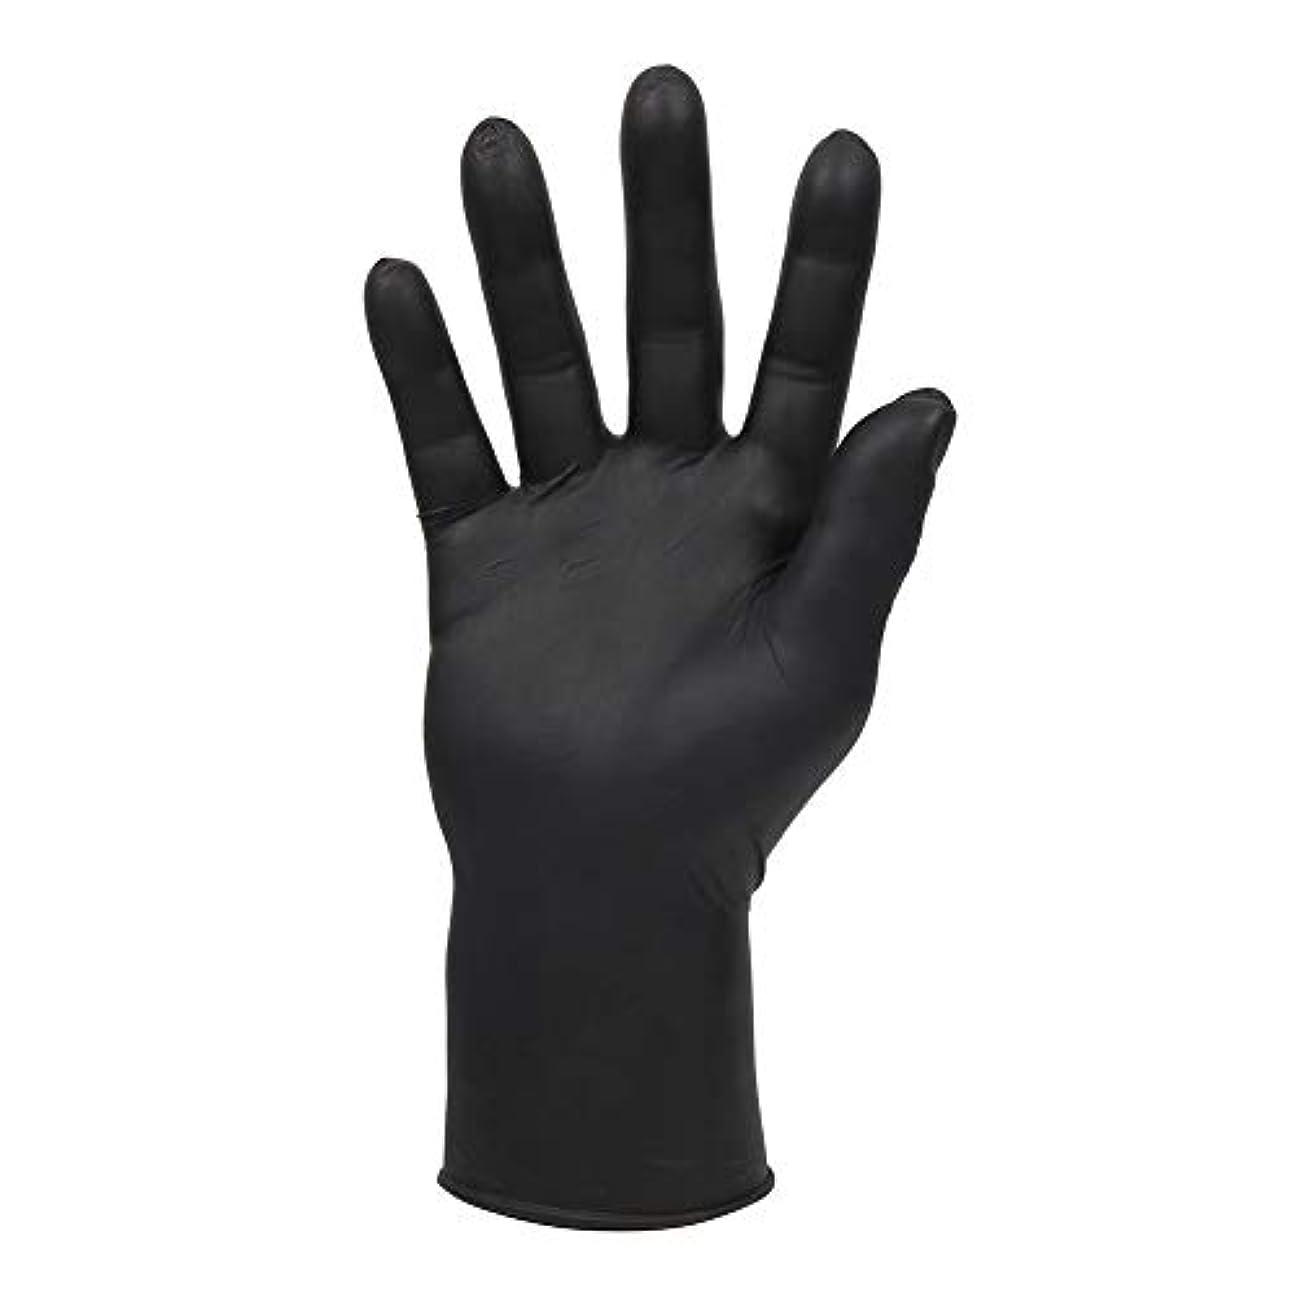 スポンジこだわりガイドラインLuka 9インチ 使い捨て ニトリル 静電気防止手袋 ゴム製手袋